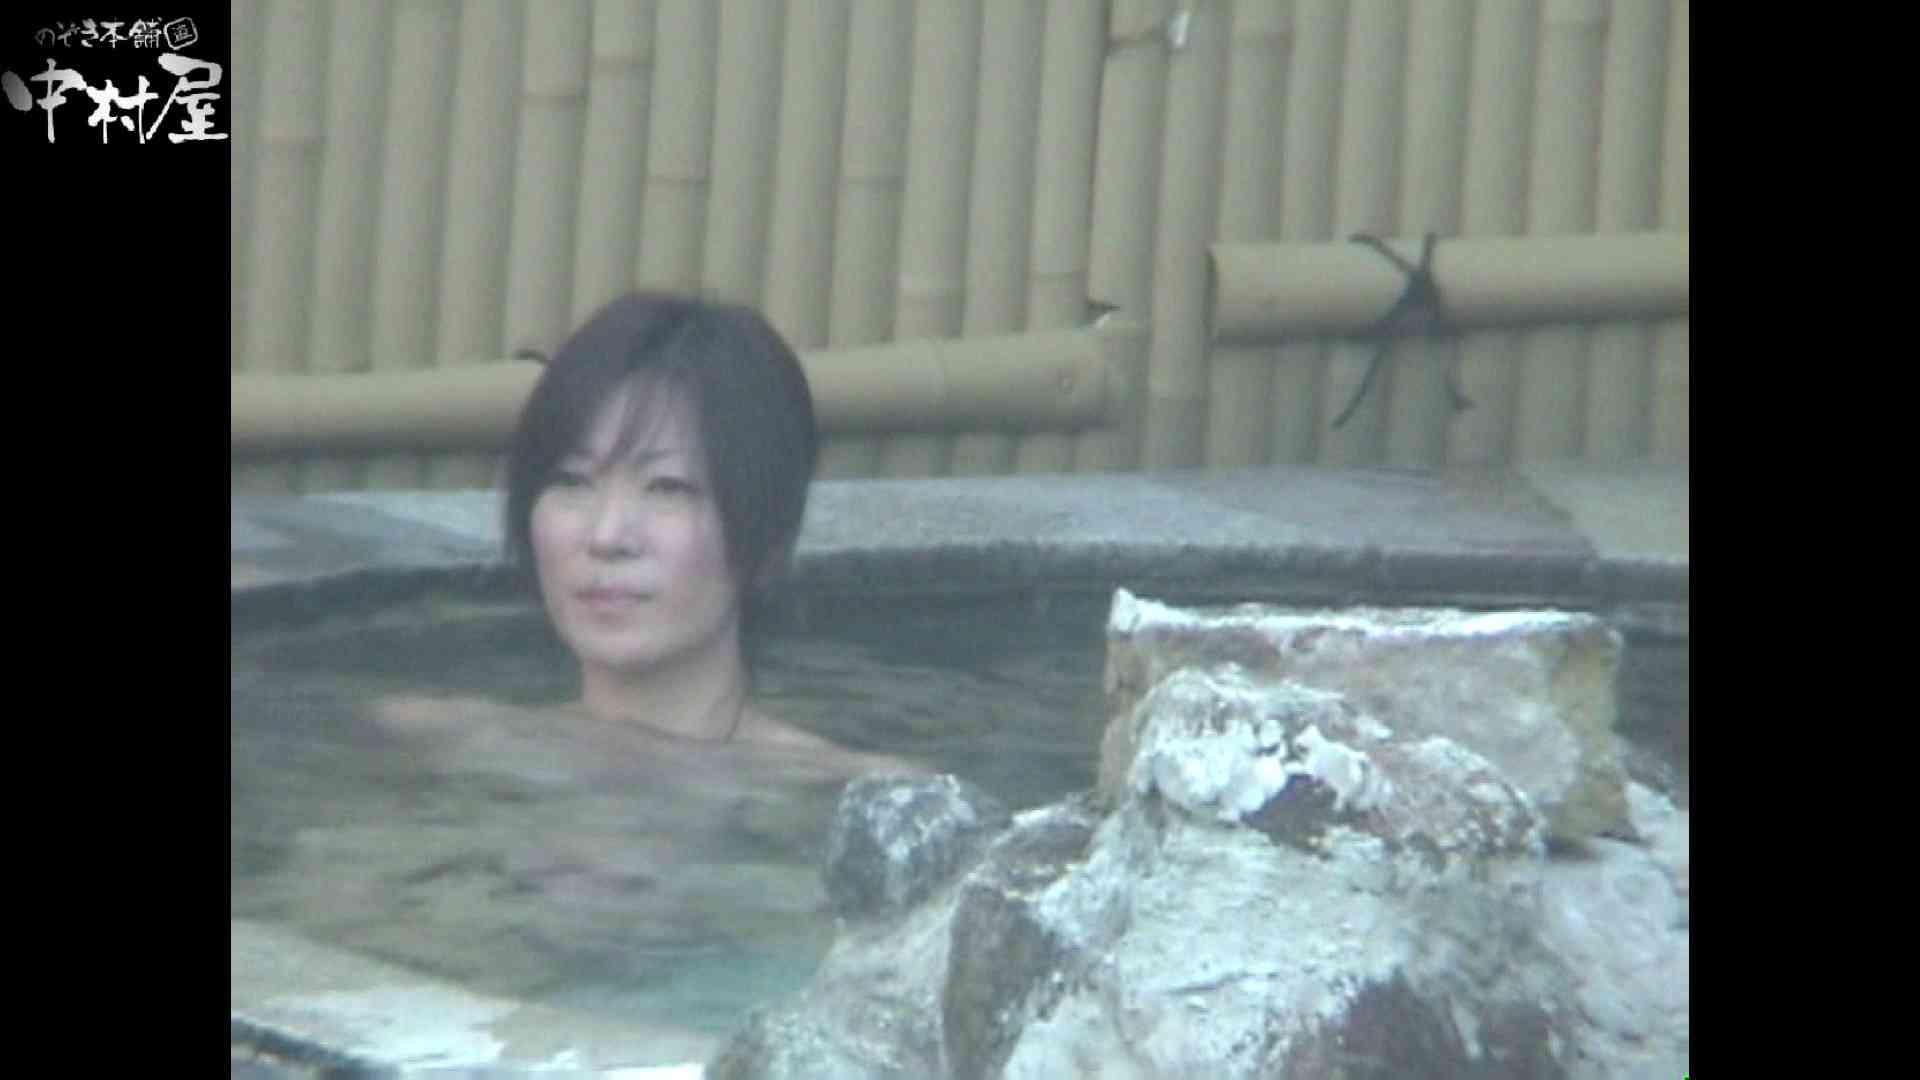 Aquaな露天風呂Vol.972 露天  80画像 27